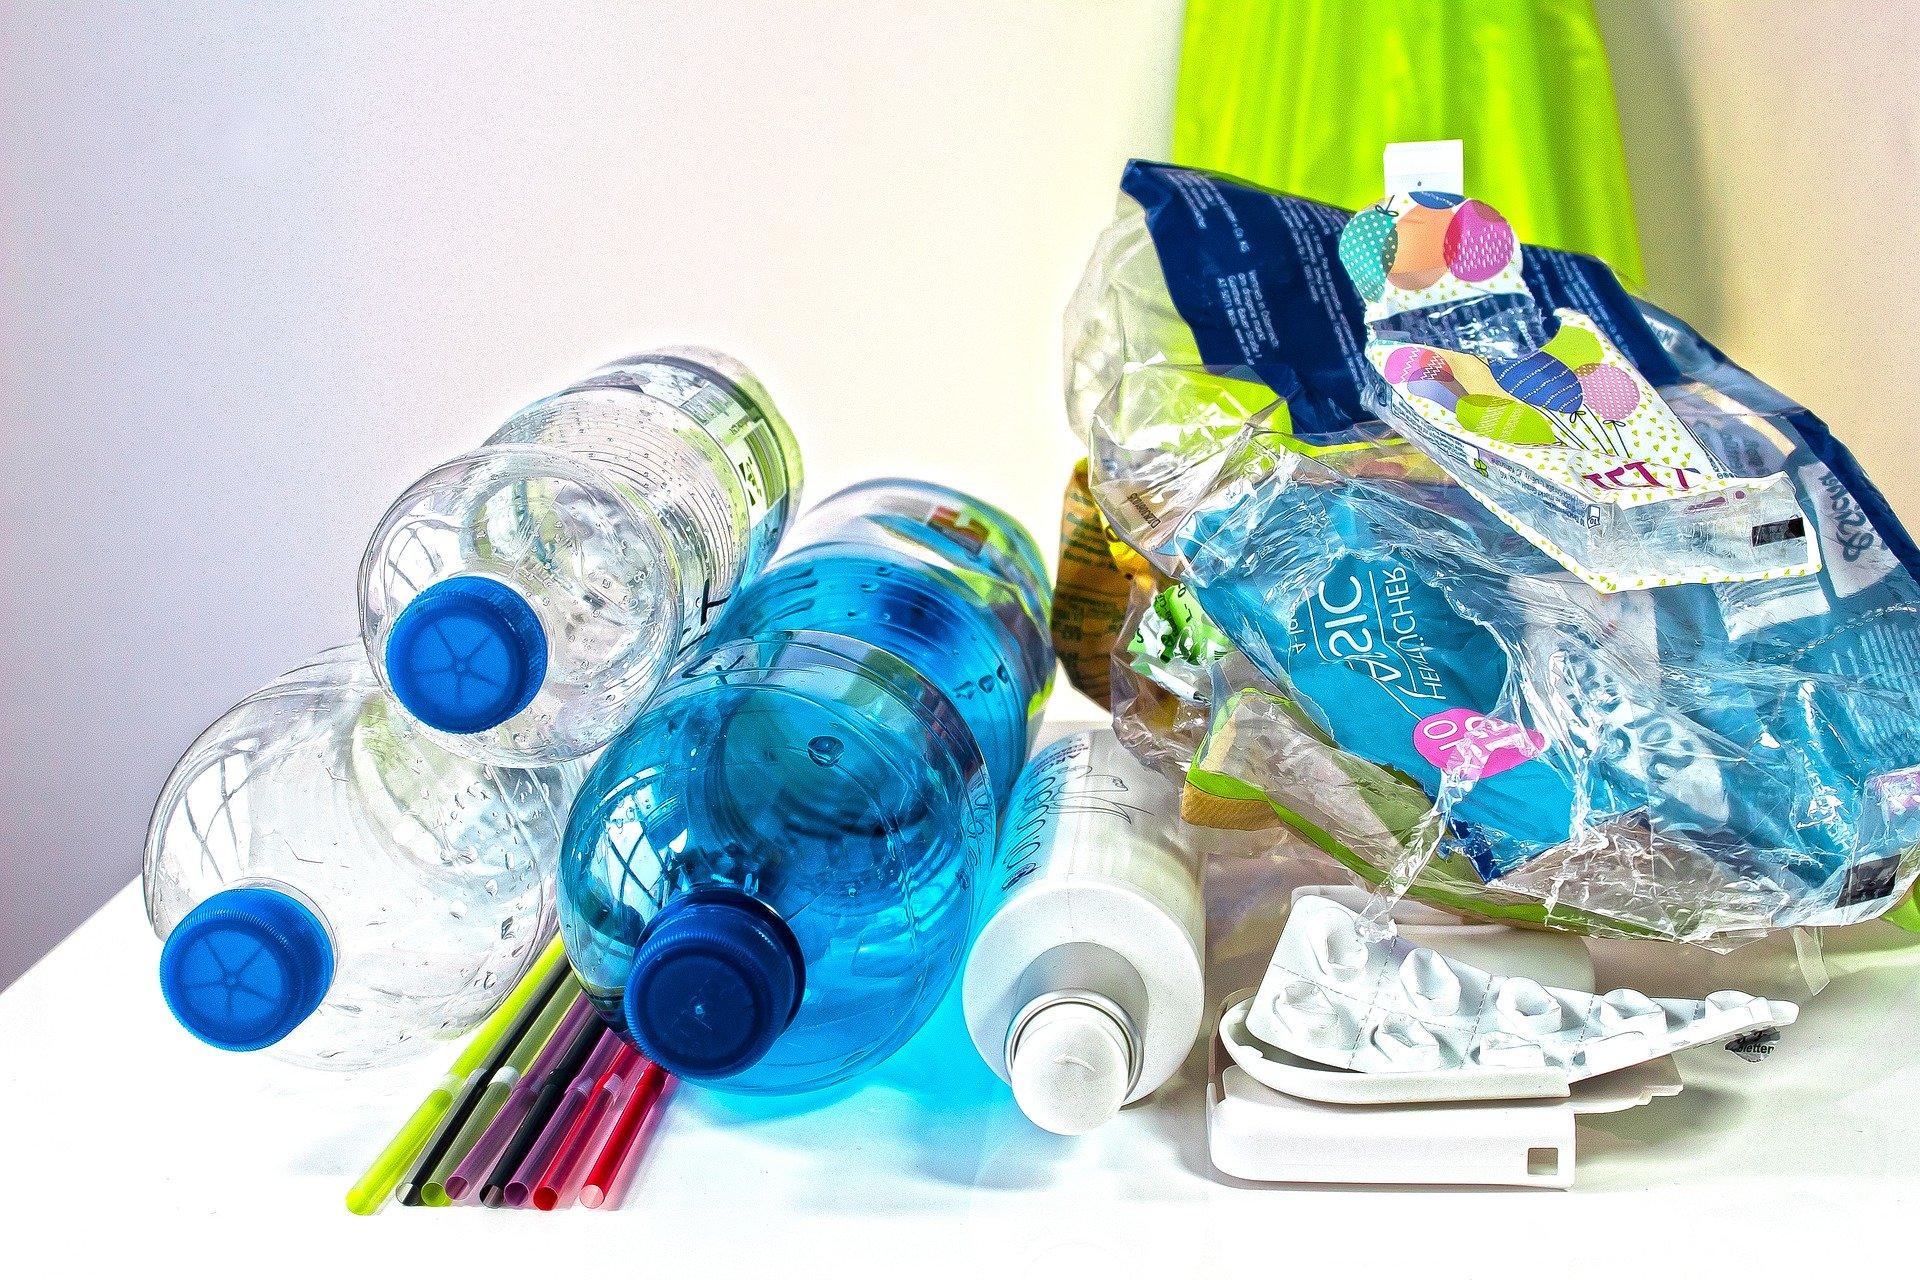 Os benefícios da reciclagem para o meio ambiente